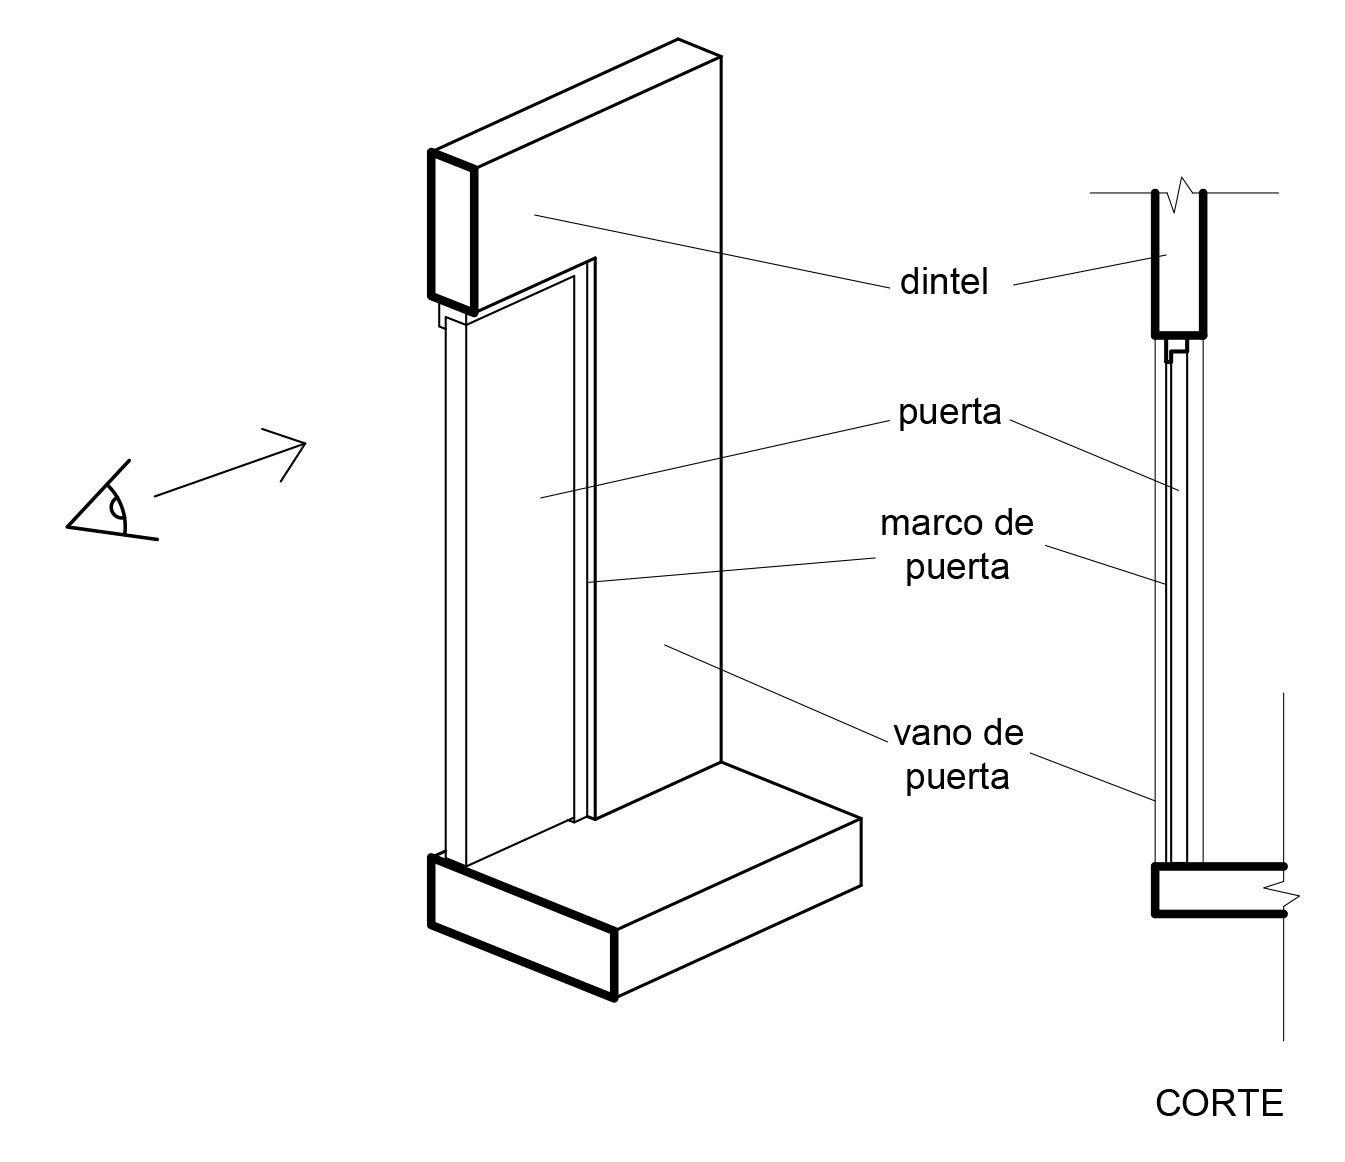 En este apunte se muestran las representaciones de los - Vano arquitectura ...